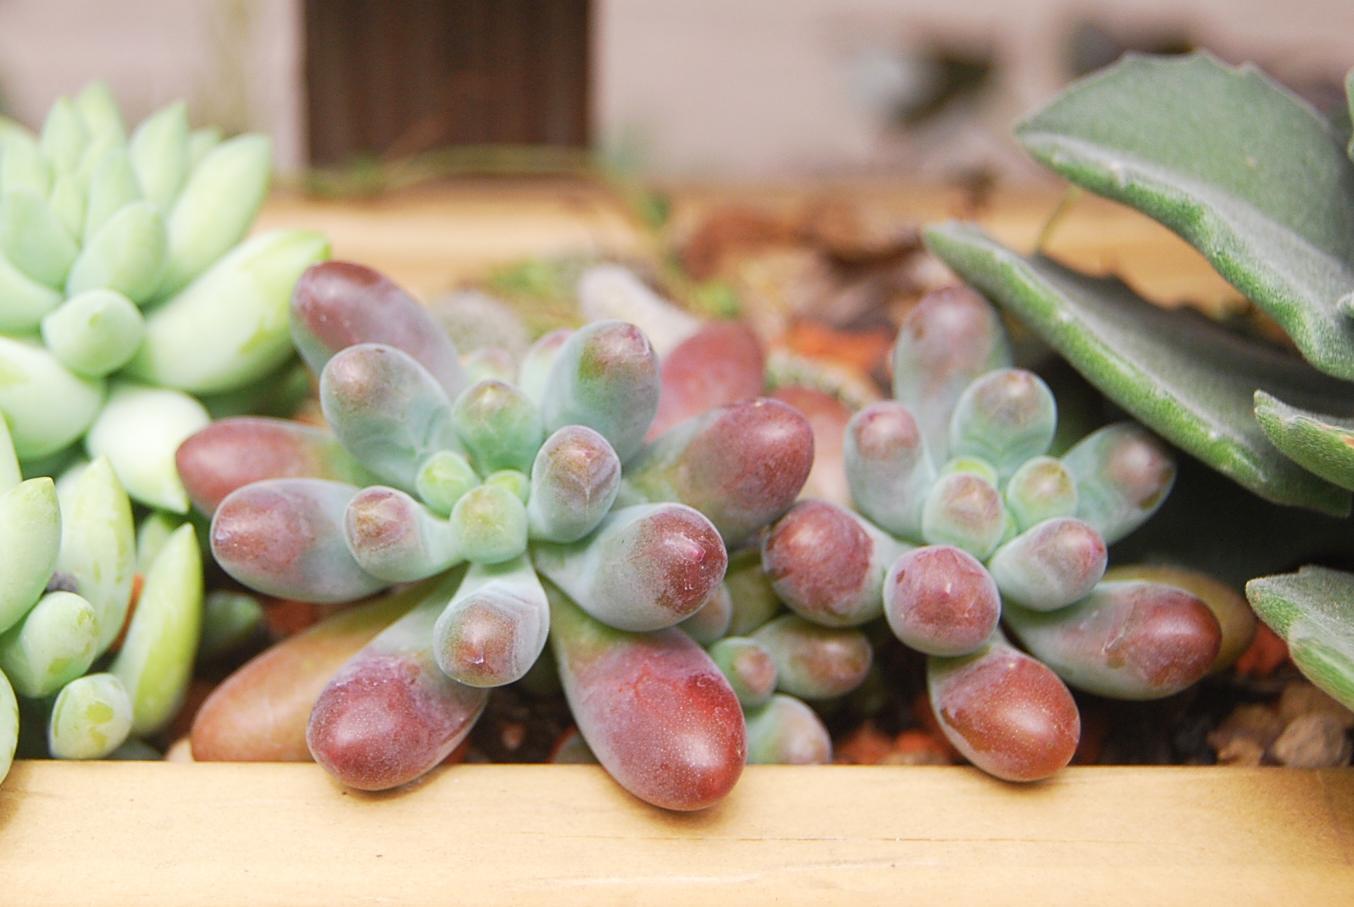 肥嫩如嬰兒手指般:乙女心 ( Jelly bean plant ) 1